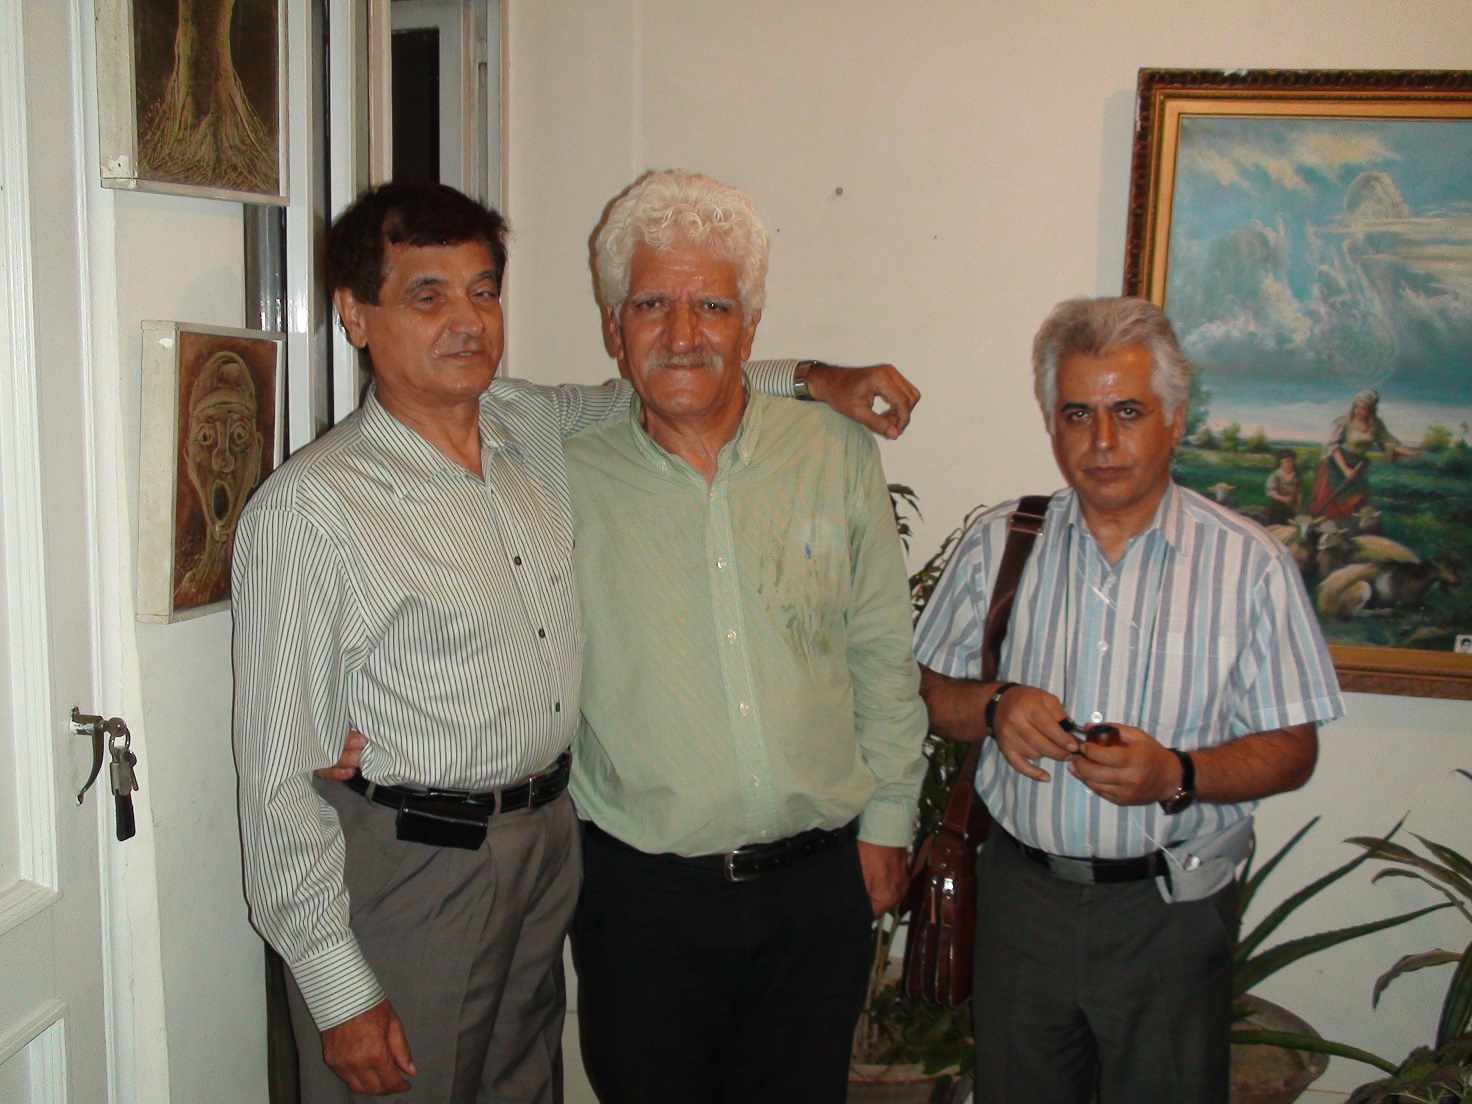 از چپ به راست: قدمعلی سرامی - محمد ابراهیمیان - رضا عقدایی